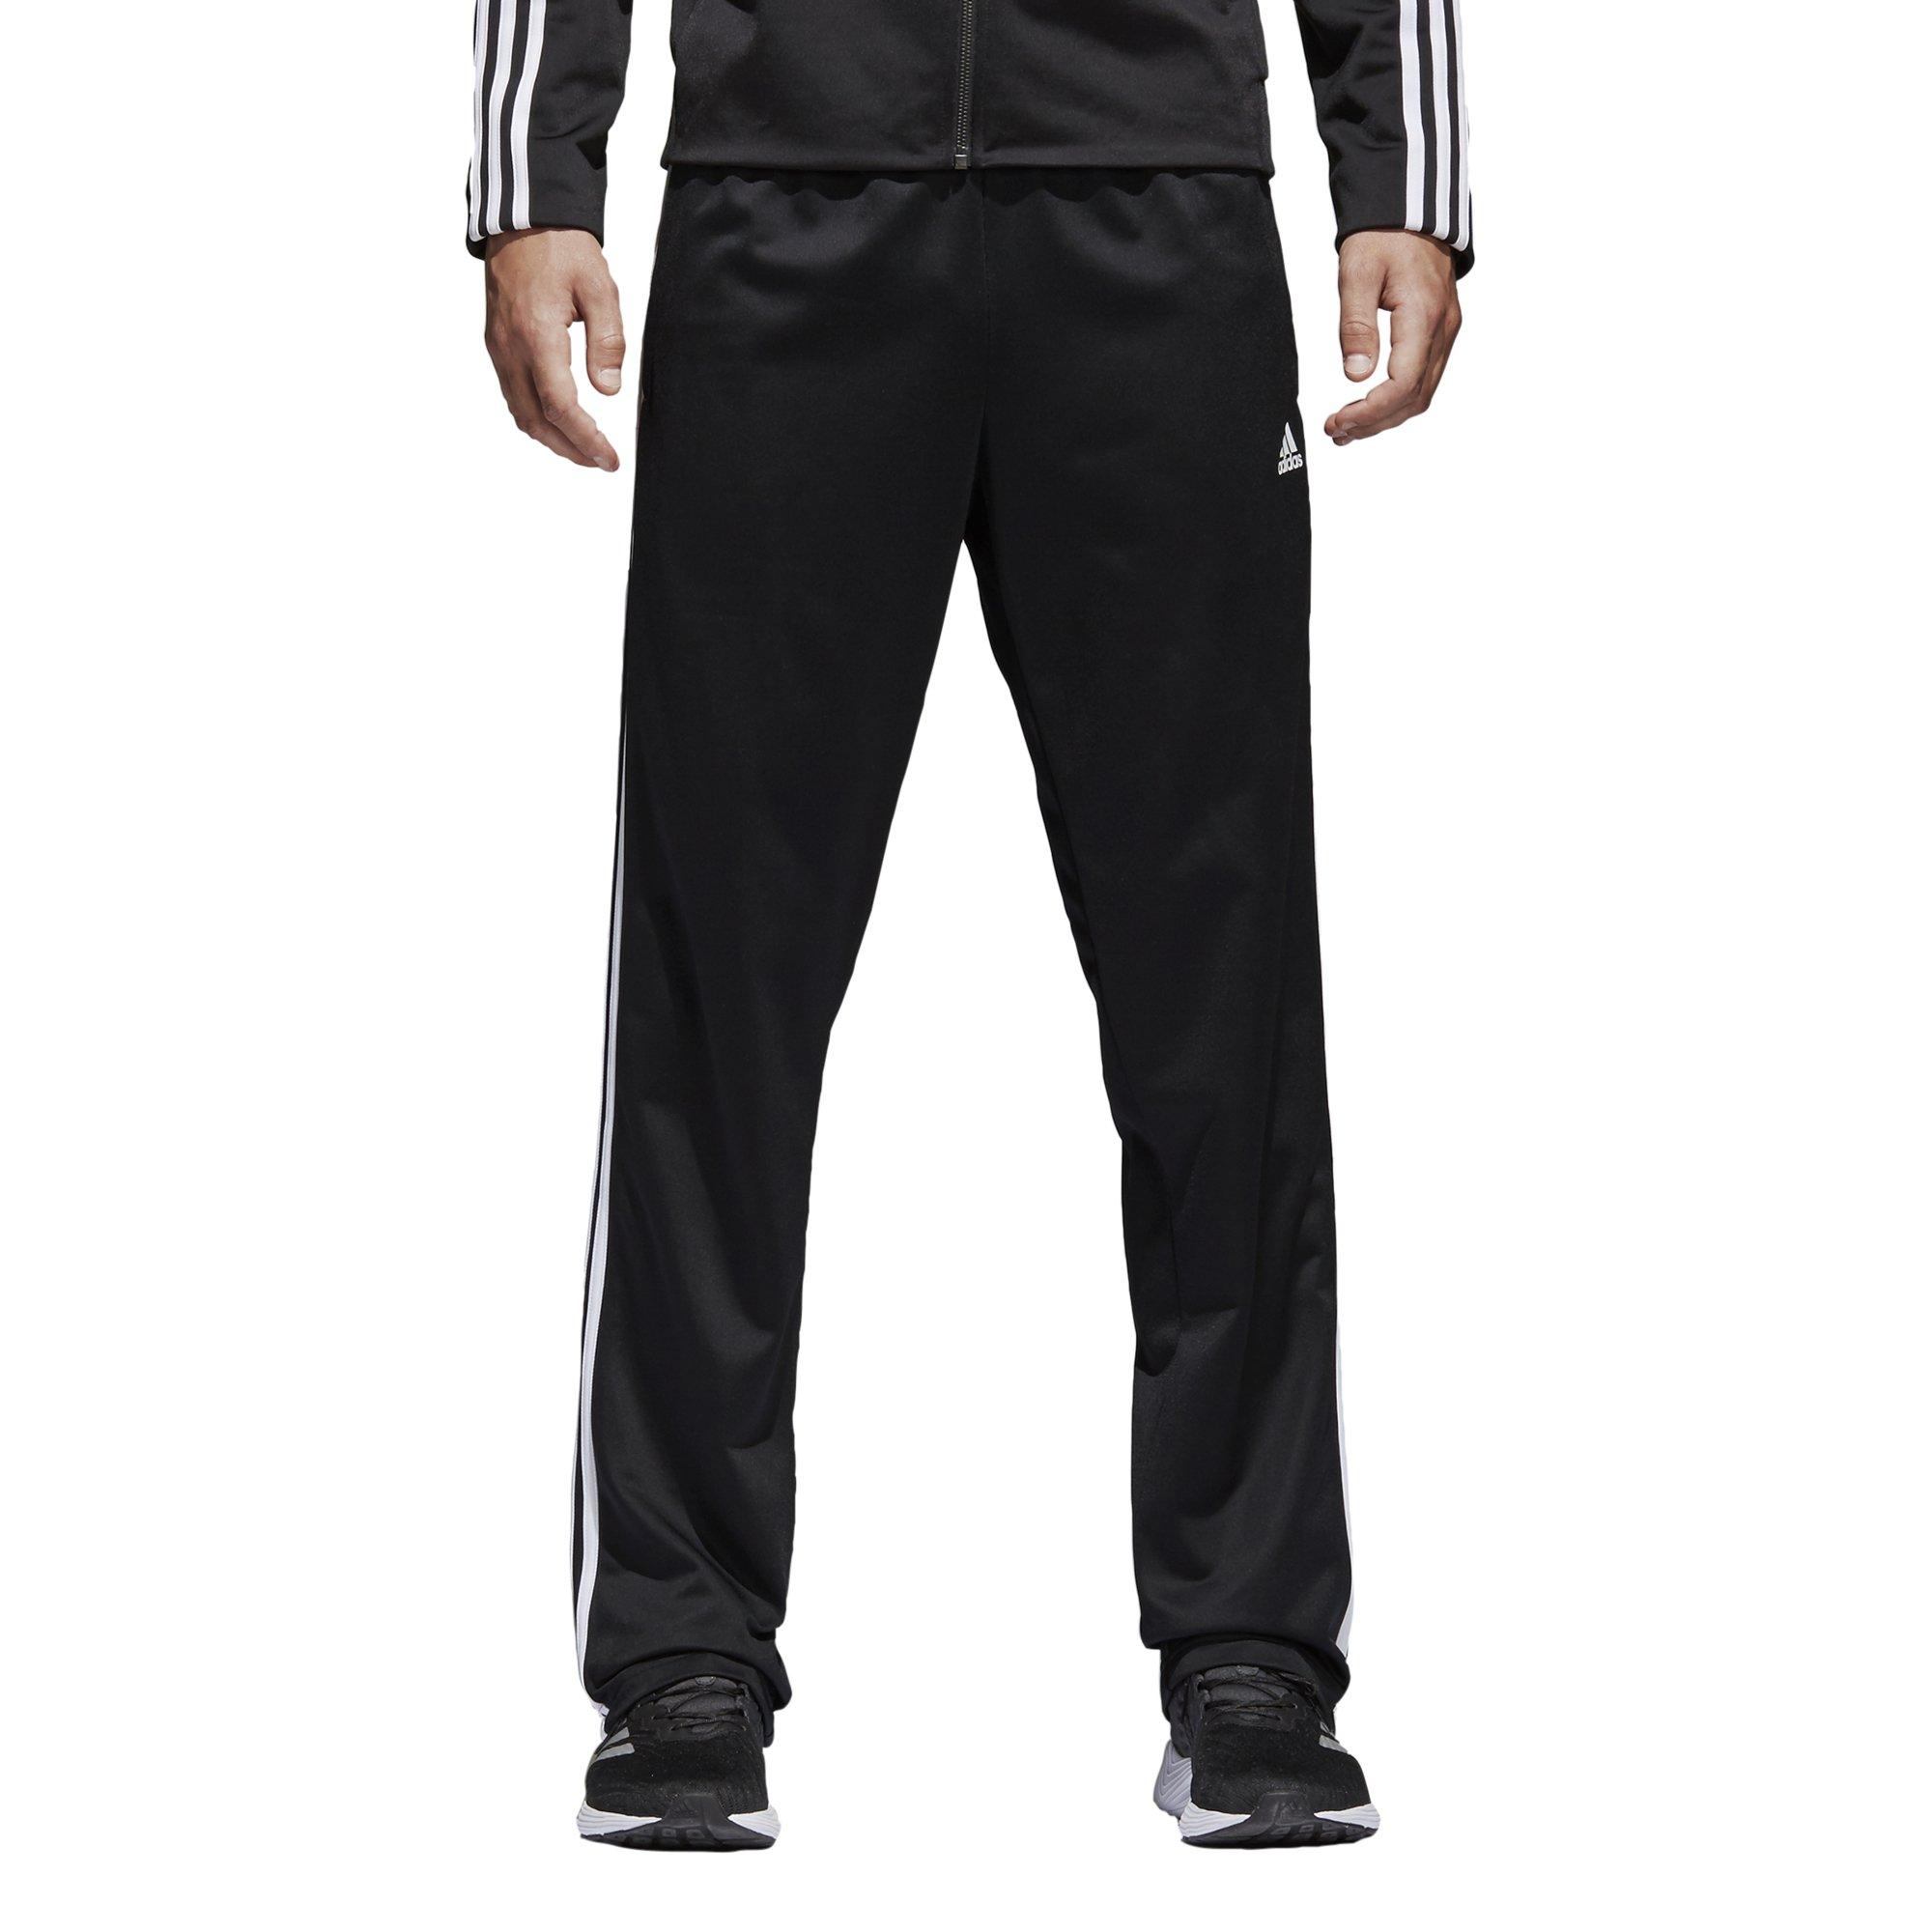 adidas Men's Athletics Essential Tricot 3-Stripe Pants, Black/White, Medium